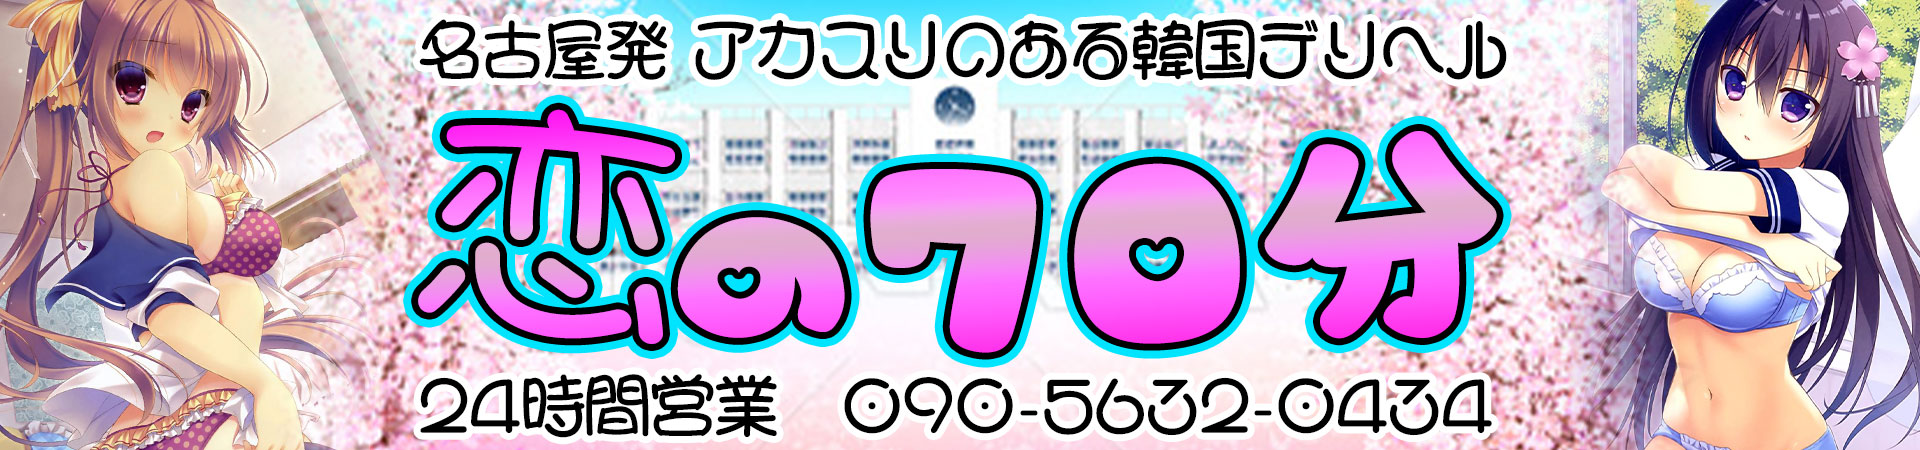 【恋の70分】名古屋発/アカスリ韓国デリヘル/愛知